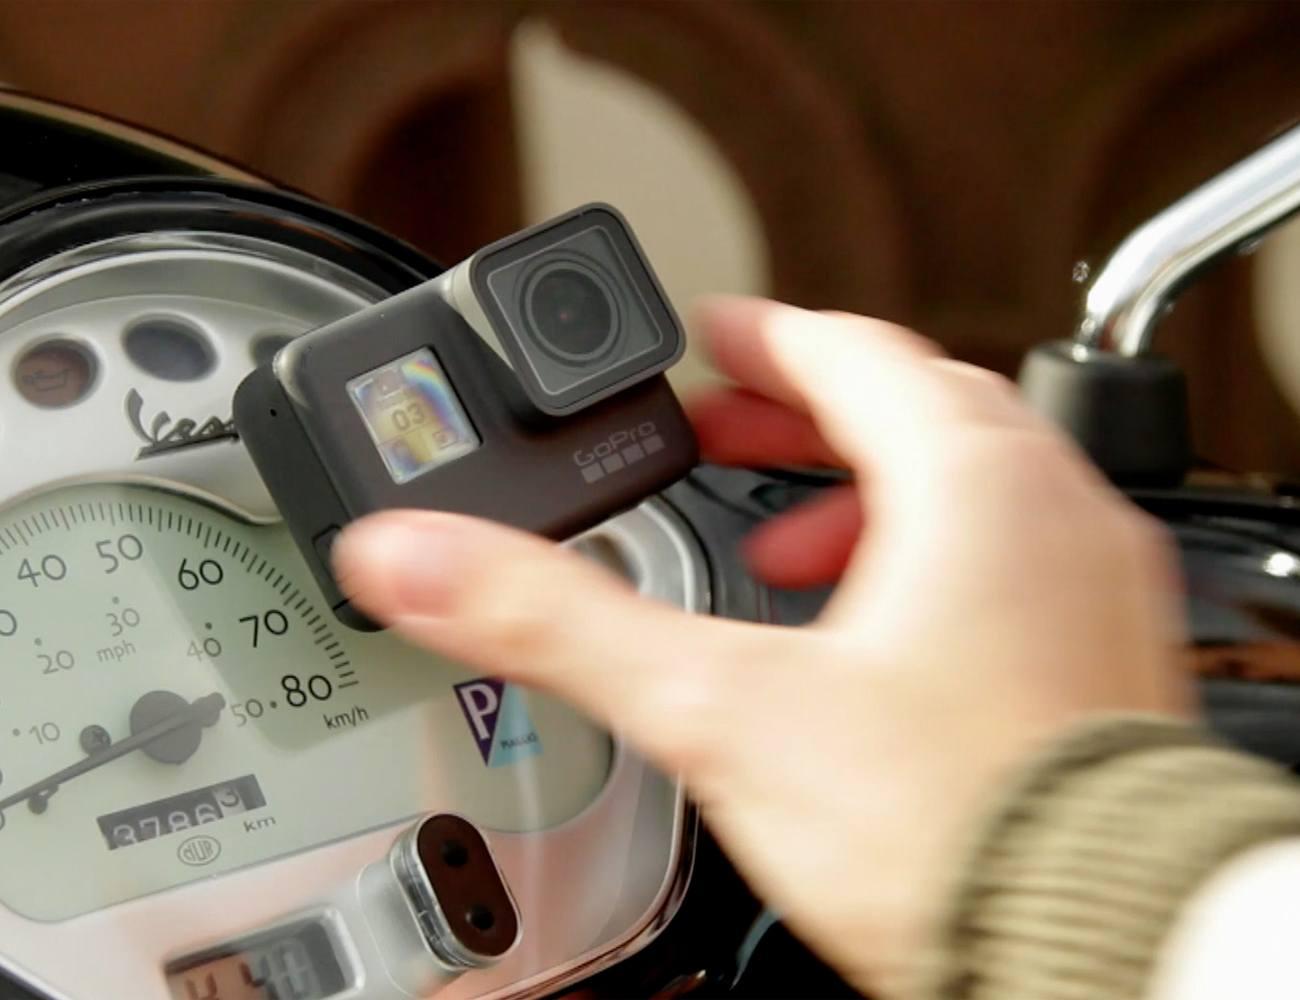 gekkogum-smartphone-gopro-mount-5